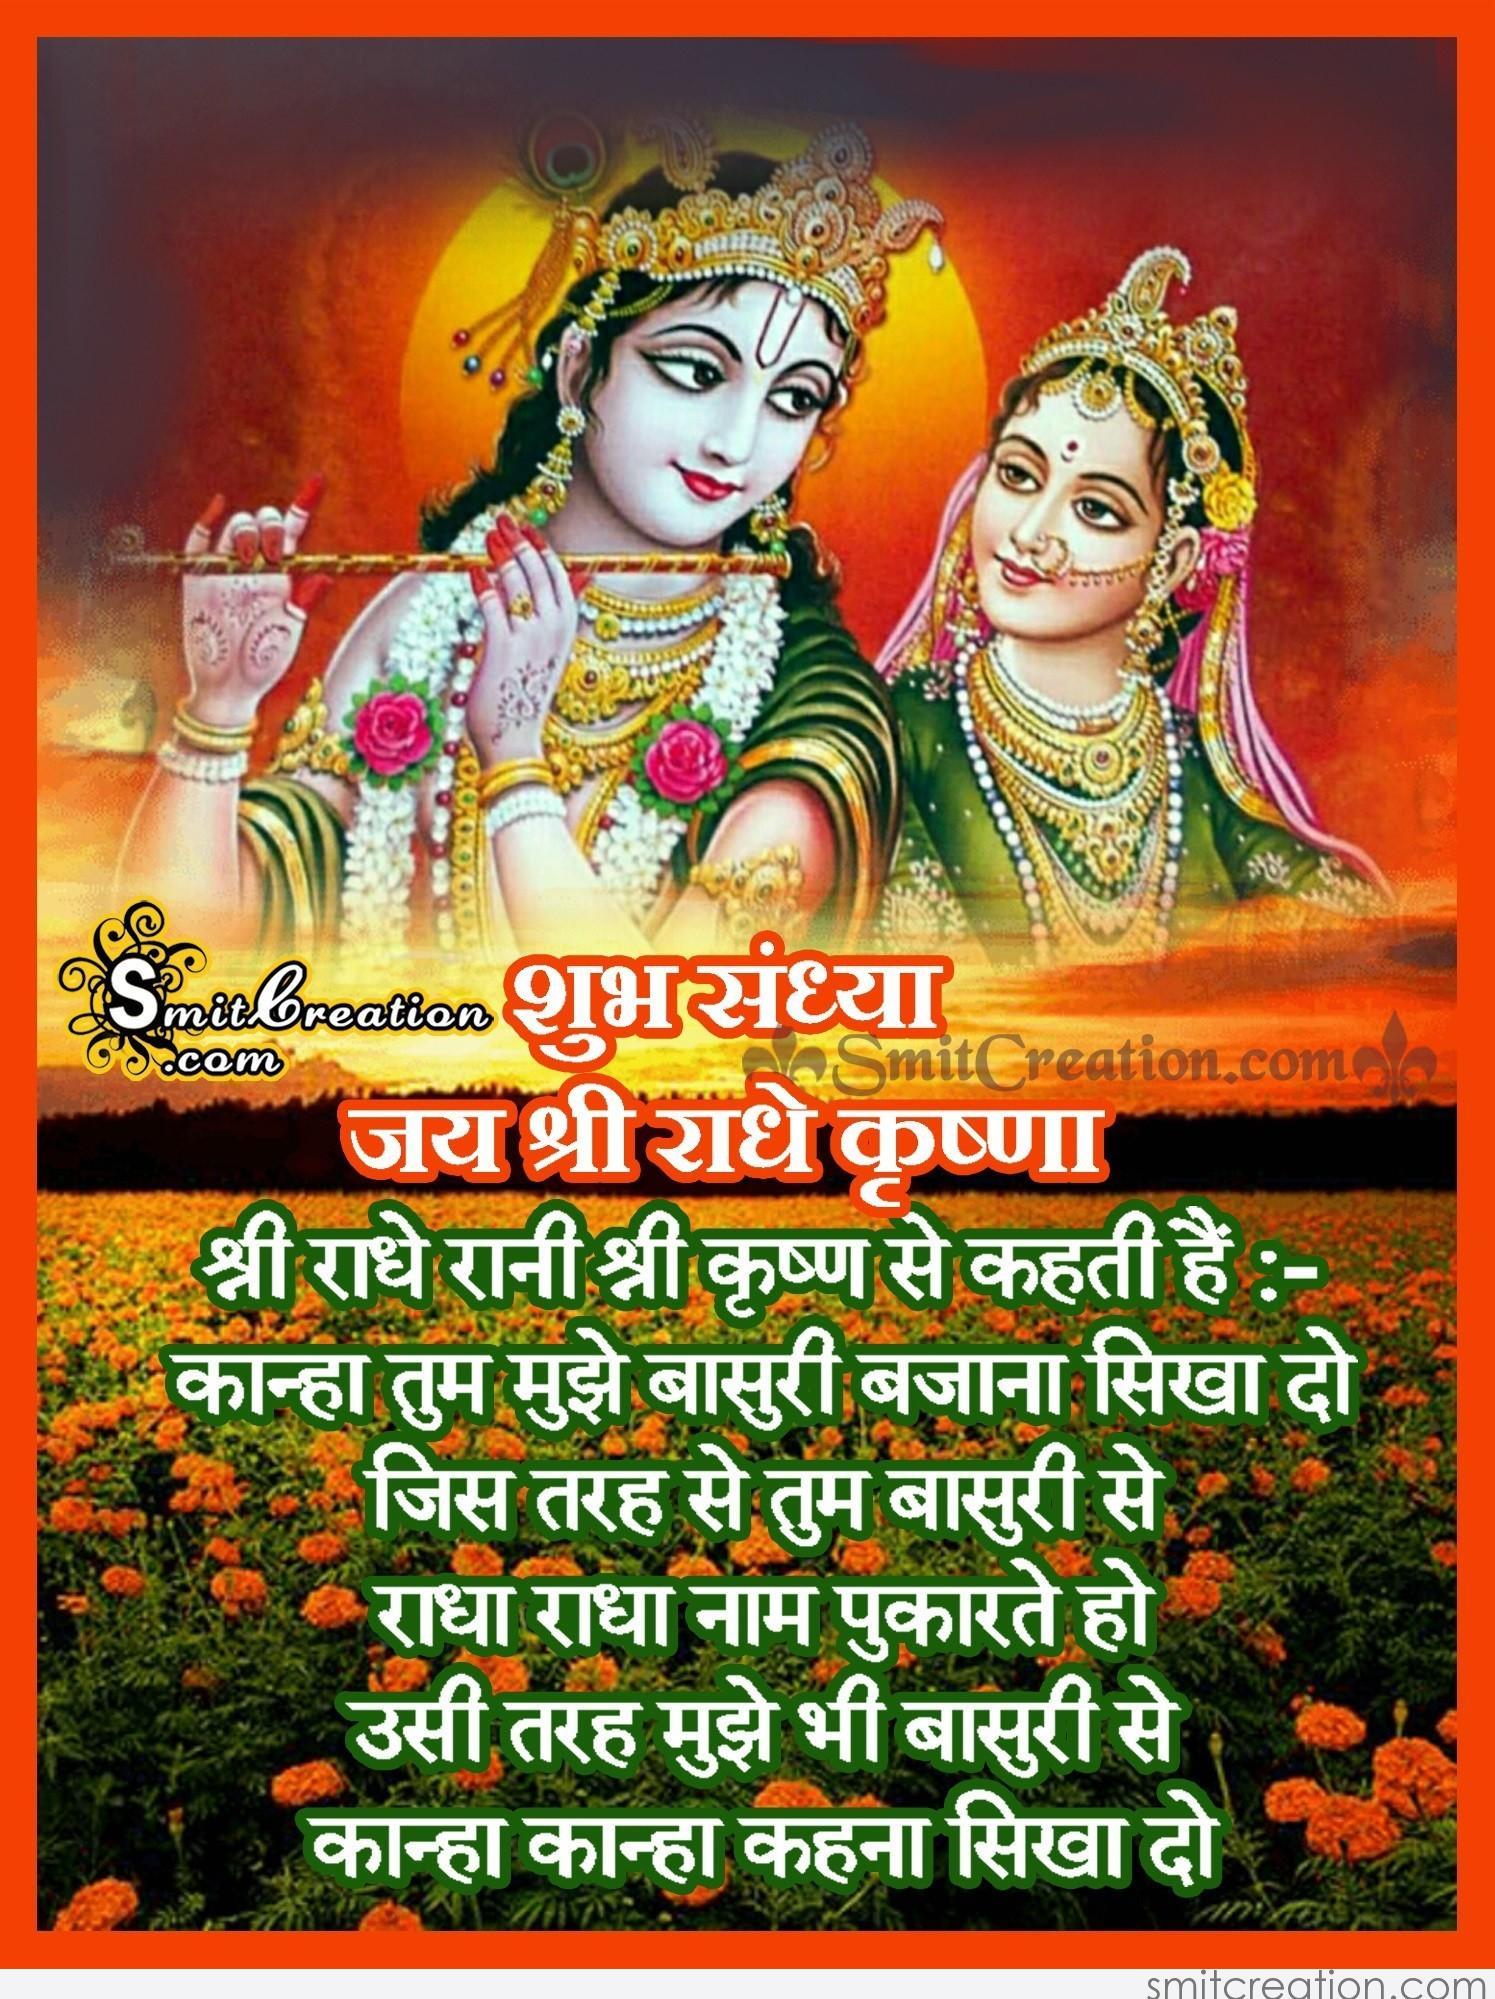 Shubh Sandhya – Jai Shri Radhe Krishna - SmitCreation com